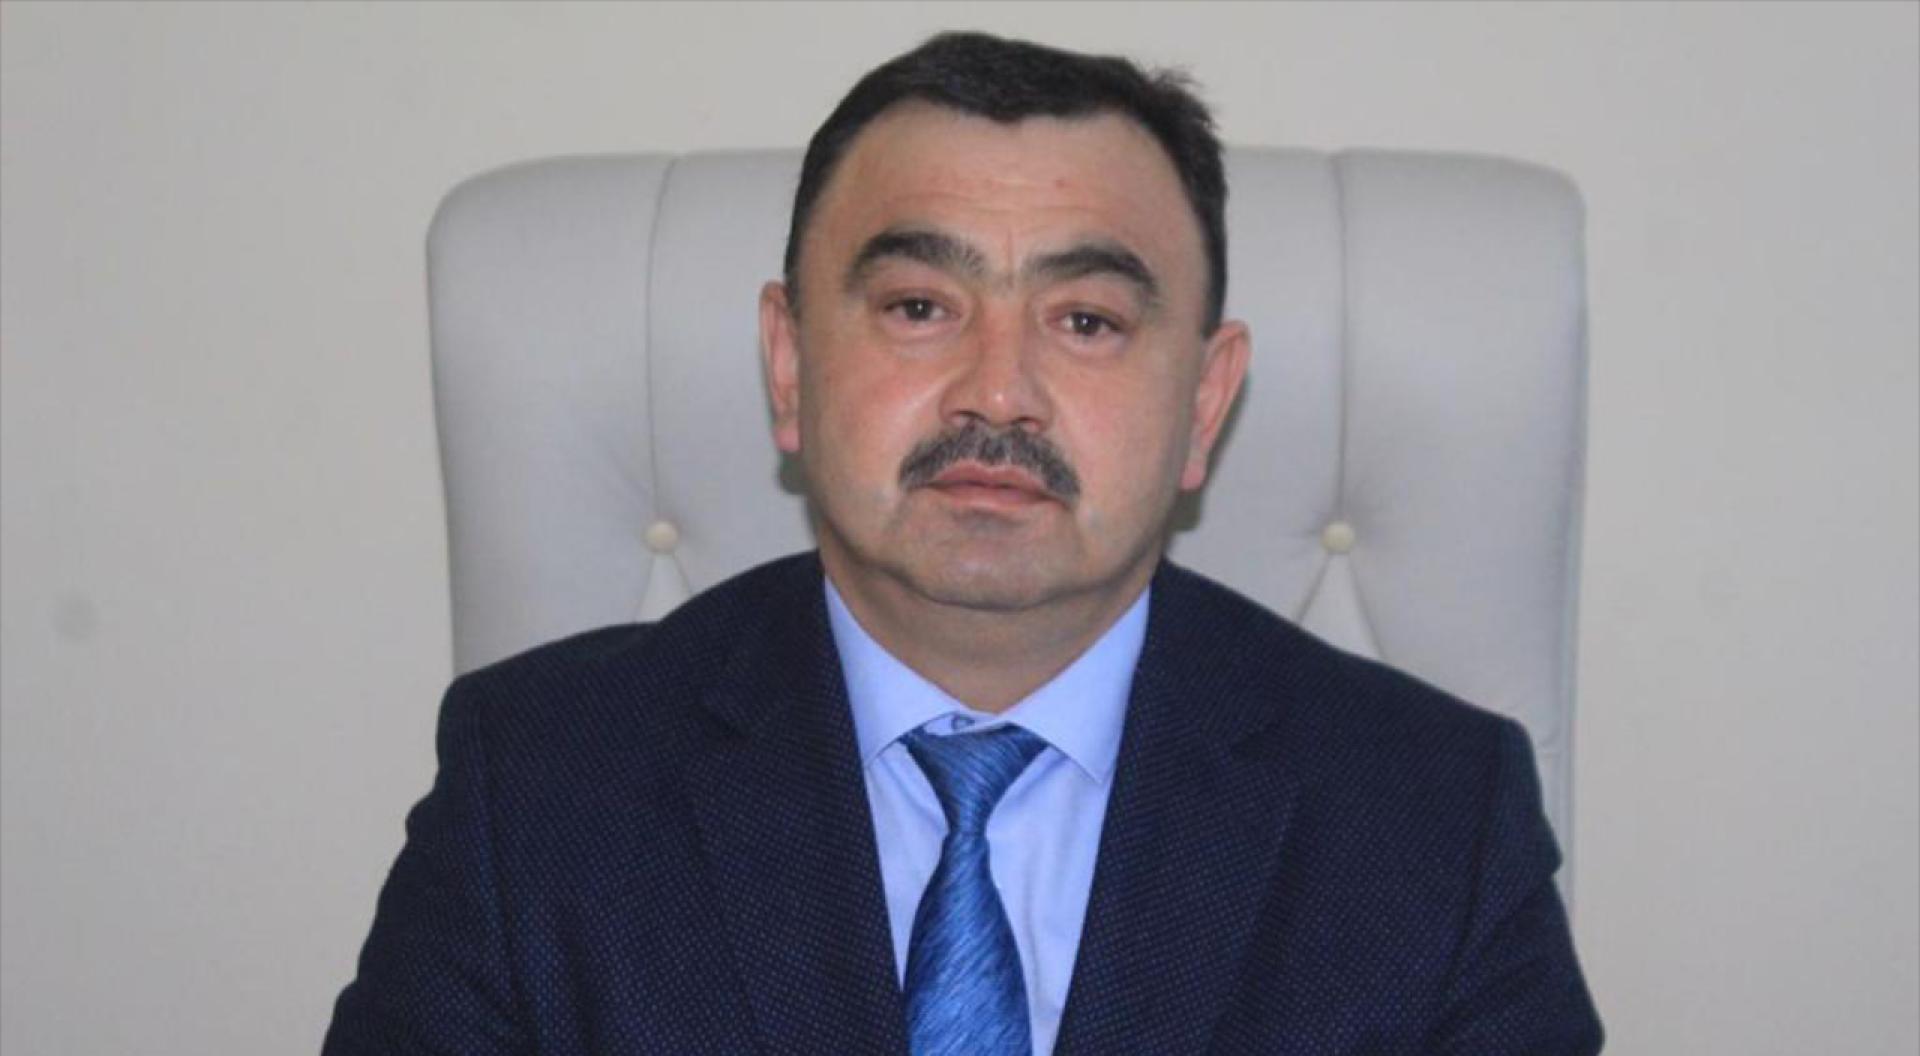 Досье: Байахметов Бакытжан Какенкаджиевич,  досье,Бакытжан Байахметов, акимат Восточно-Казахстанской области